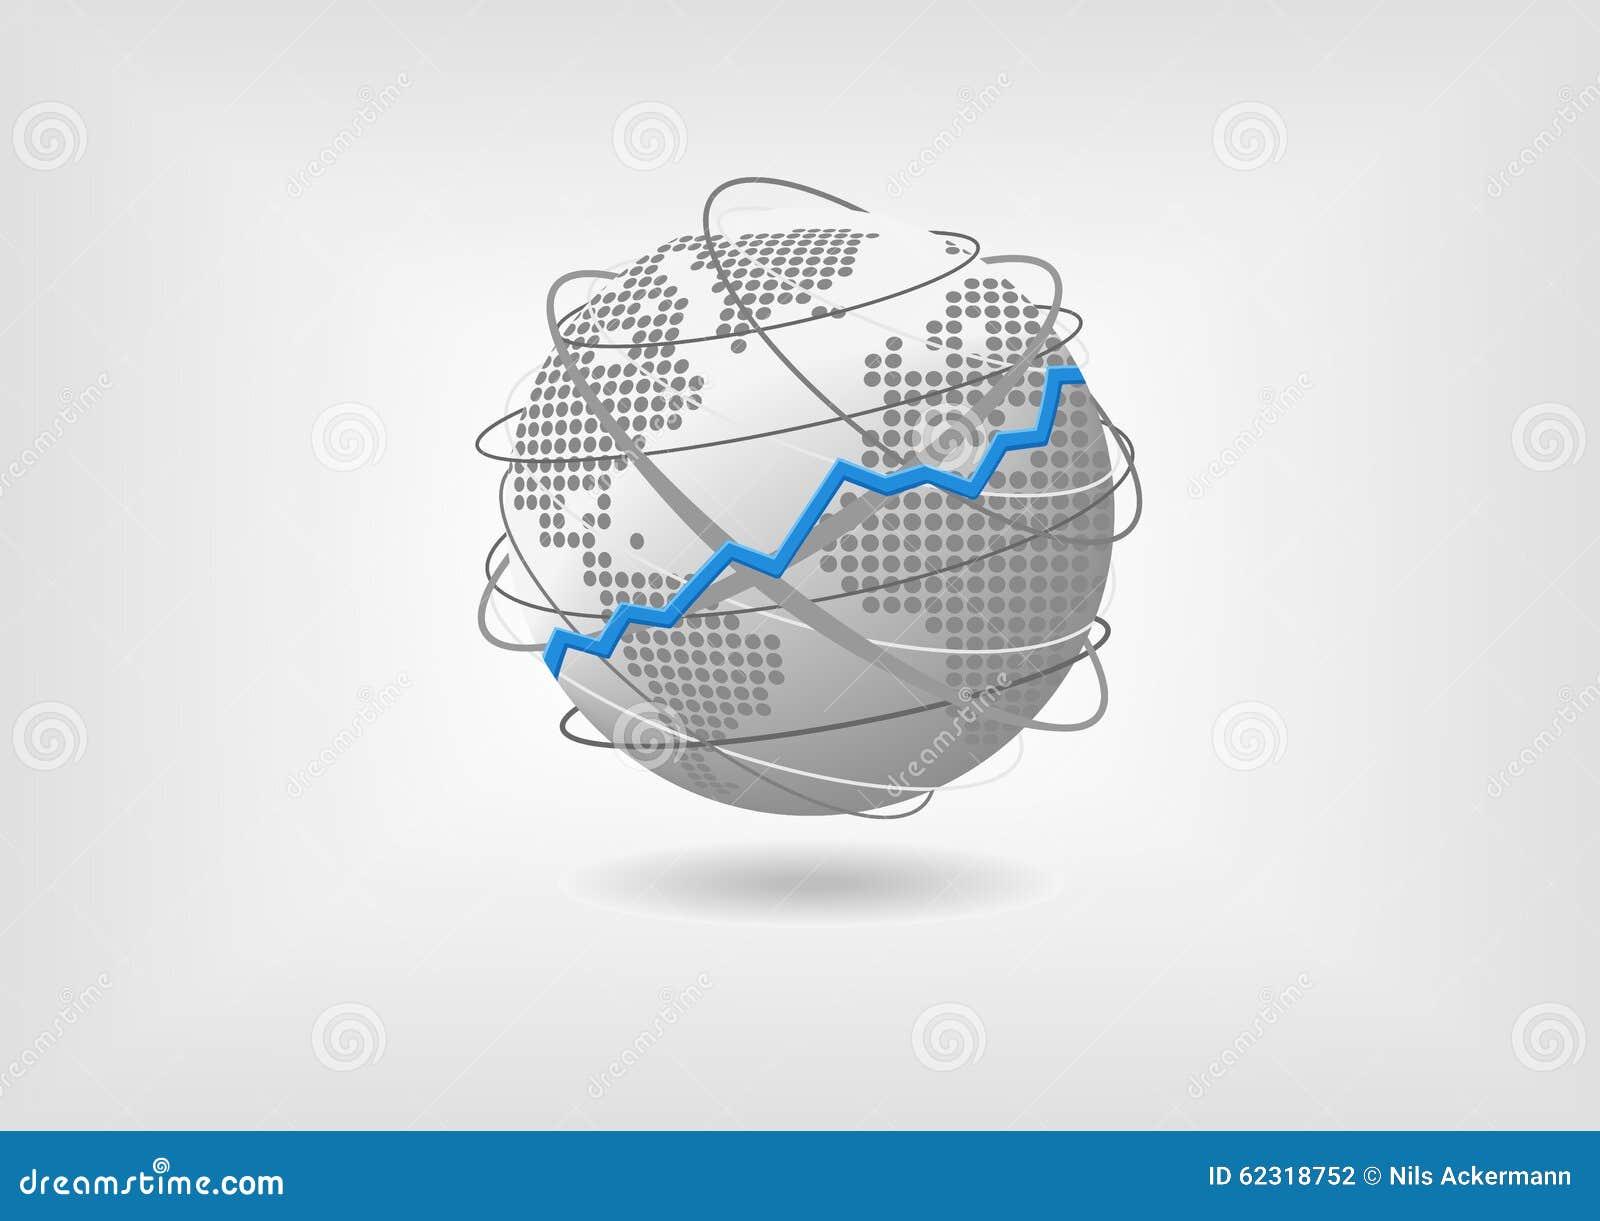 Concetto globale dello sviluppo economico a titolo dimostrativo Economia mondiale di prosperità fiduciosa rappresentata dal globo